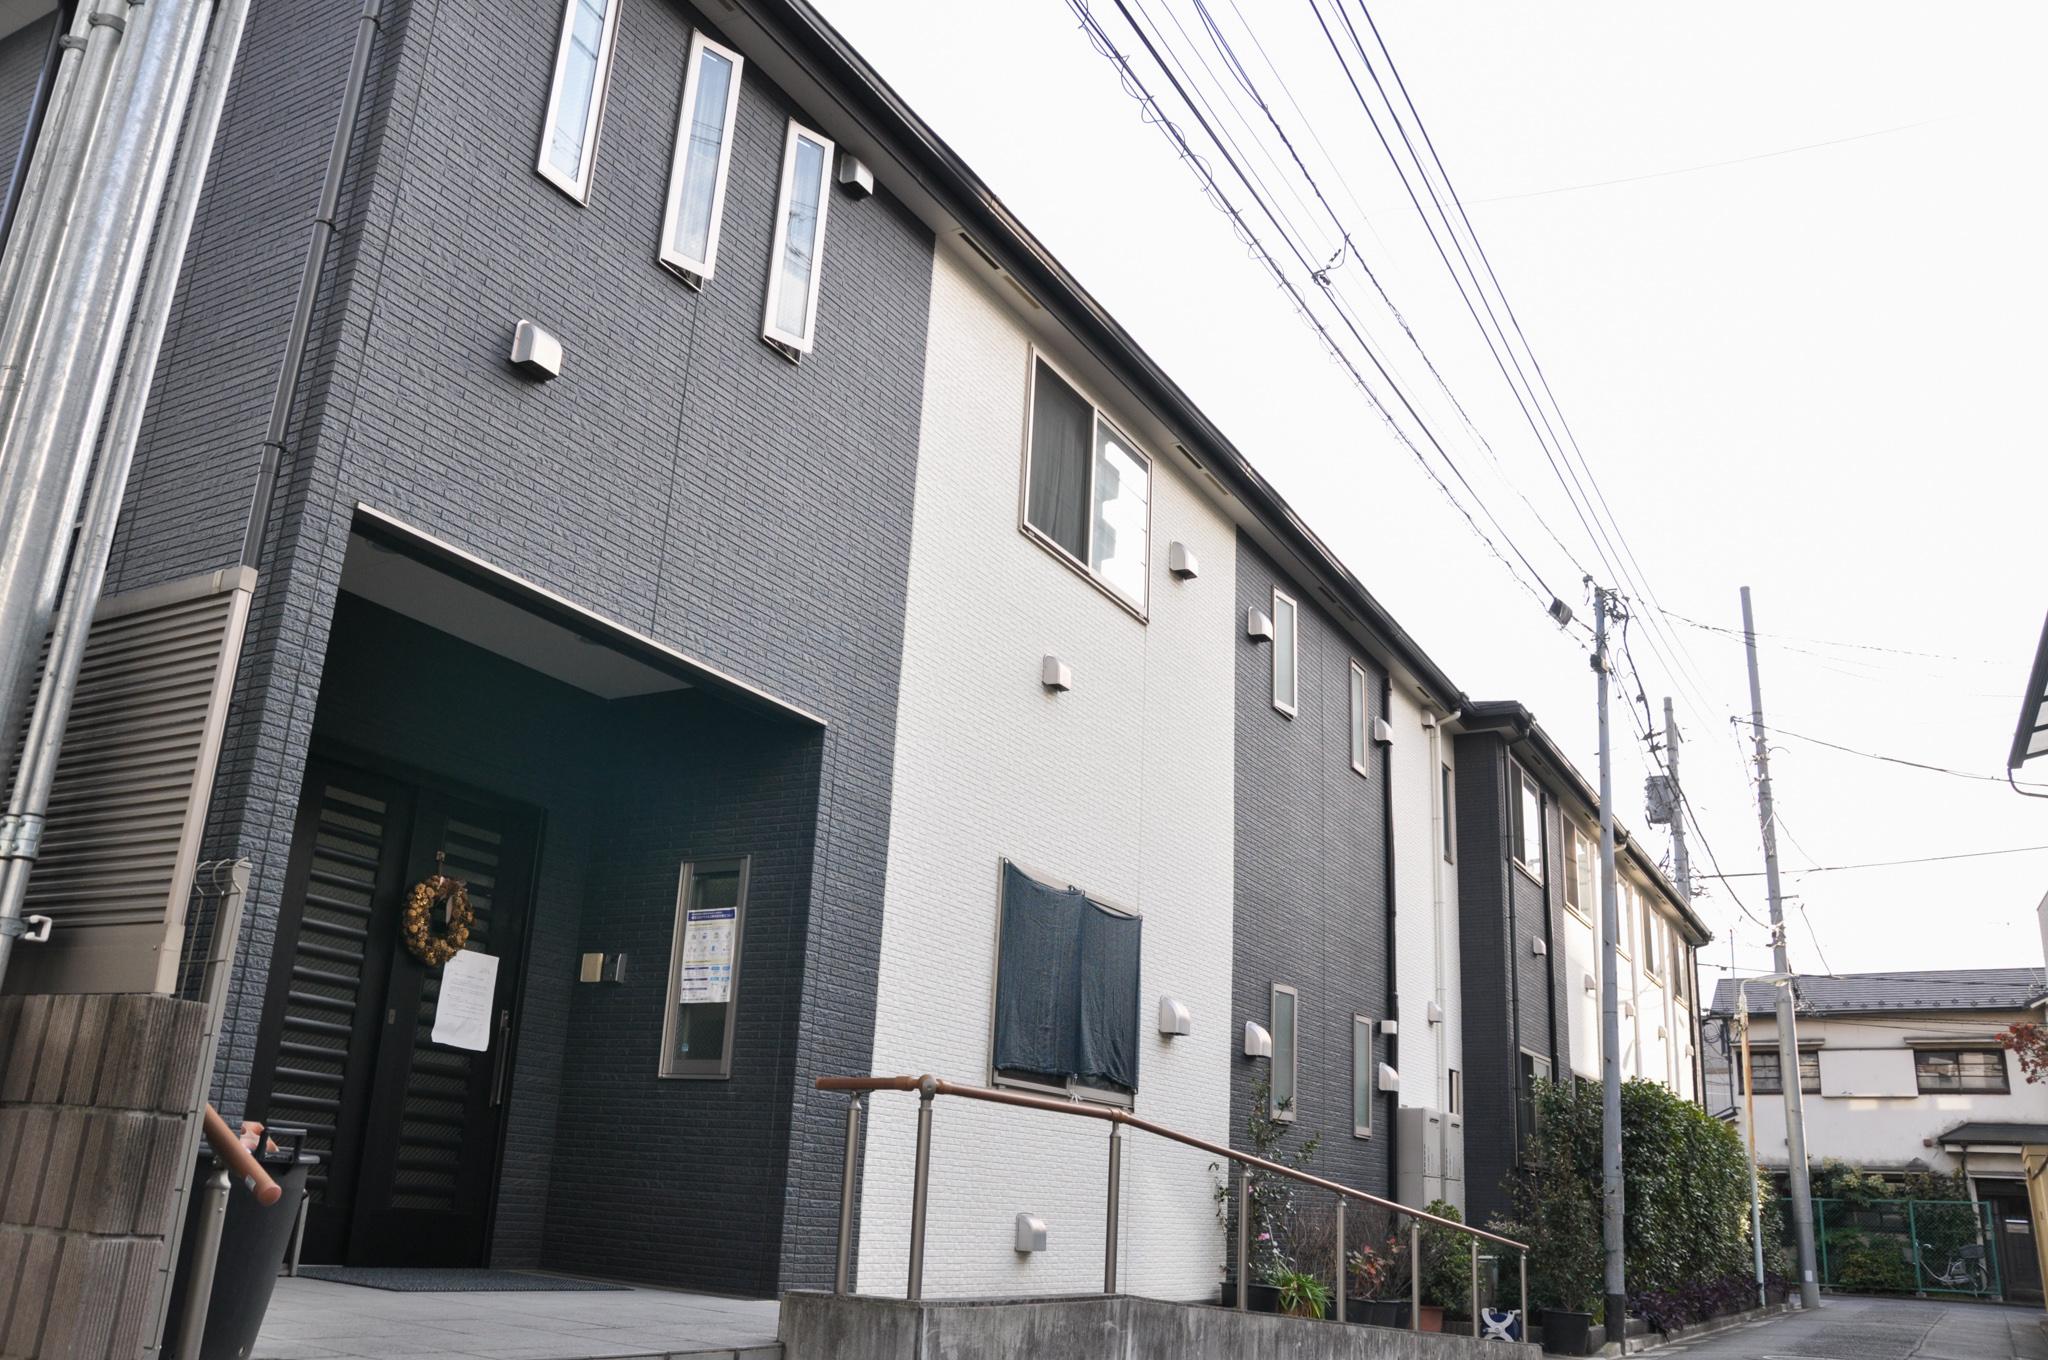 愛・グループホーム豊島池袋<br>計画作成担当者 江口 さん イメージ